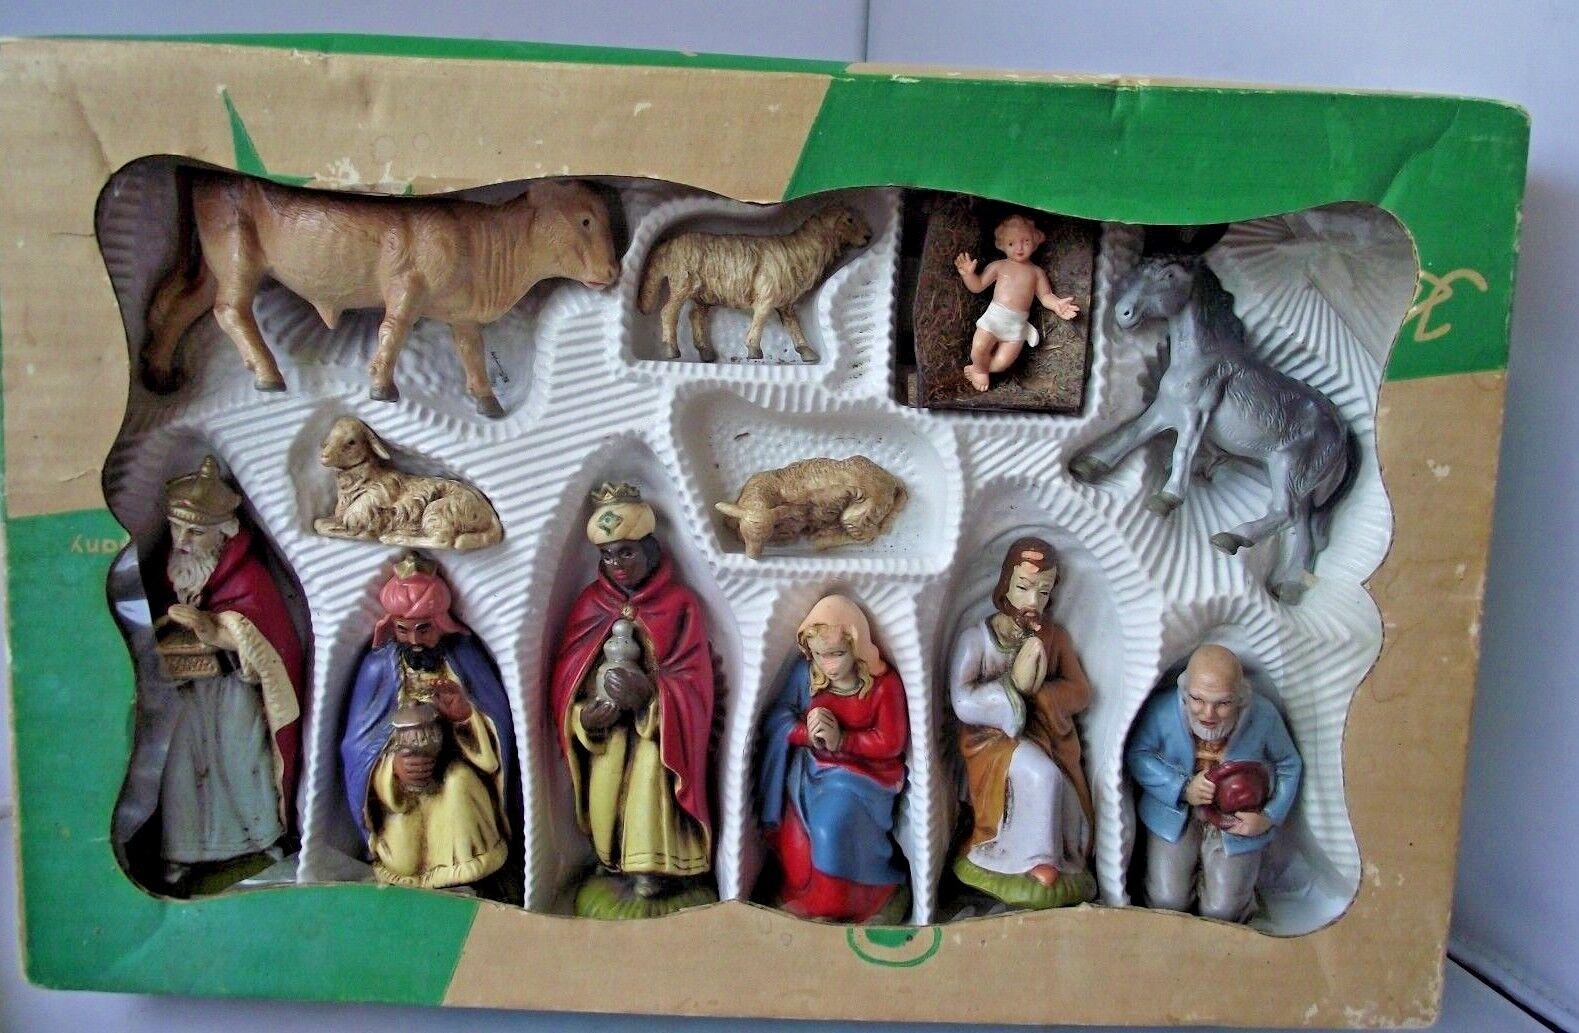 Vintage Nativité Coffret Ensemble de figurines ELASTOLIN Allemagne de l'ouest plastique Coffret Nativité Figurines 812d89